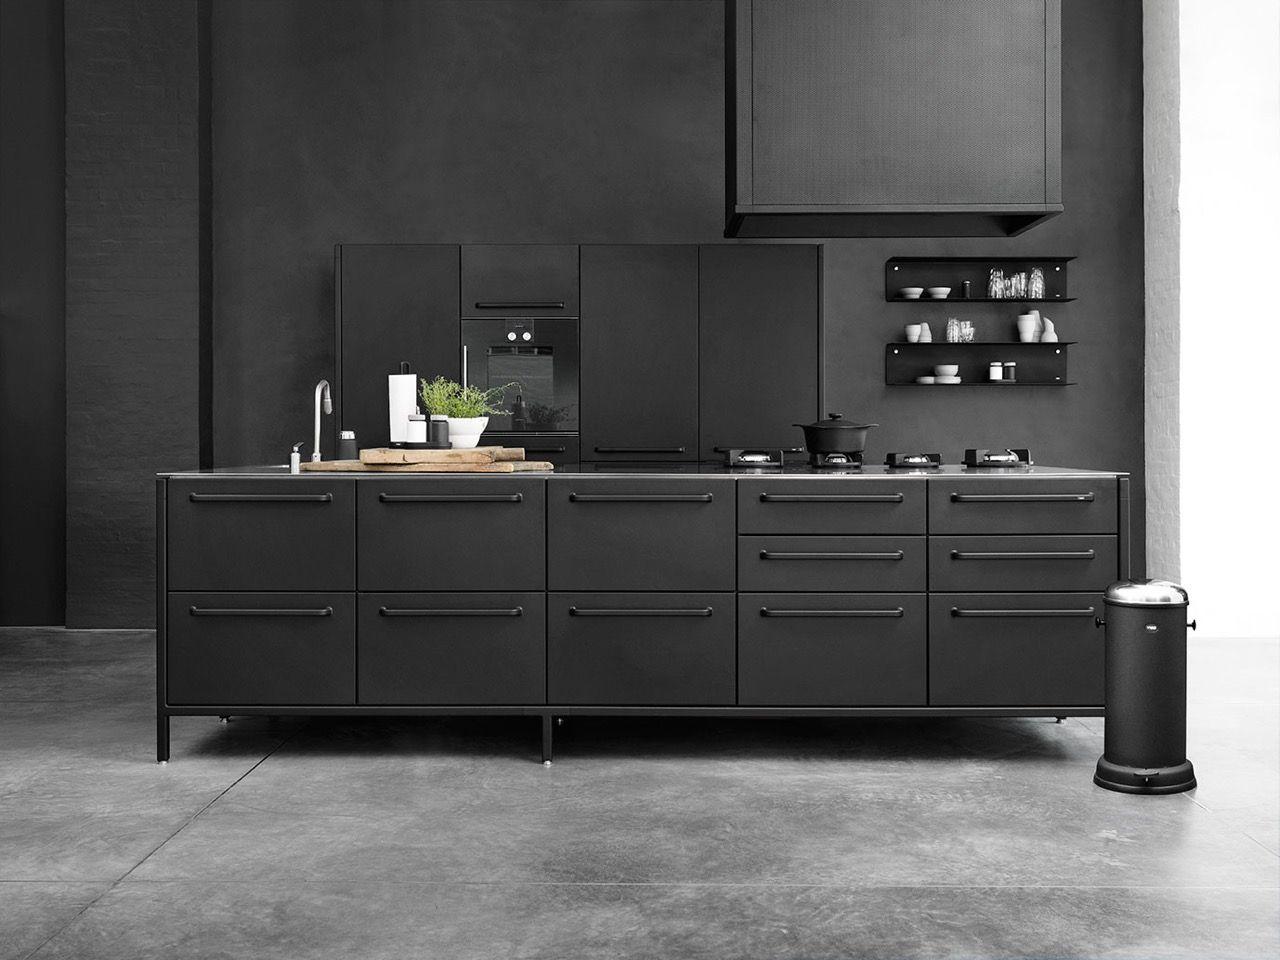 Keuken Kookeiland Zwart : Zwarte keuken met kookeiland en pitt cooking gasbranders design